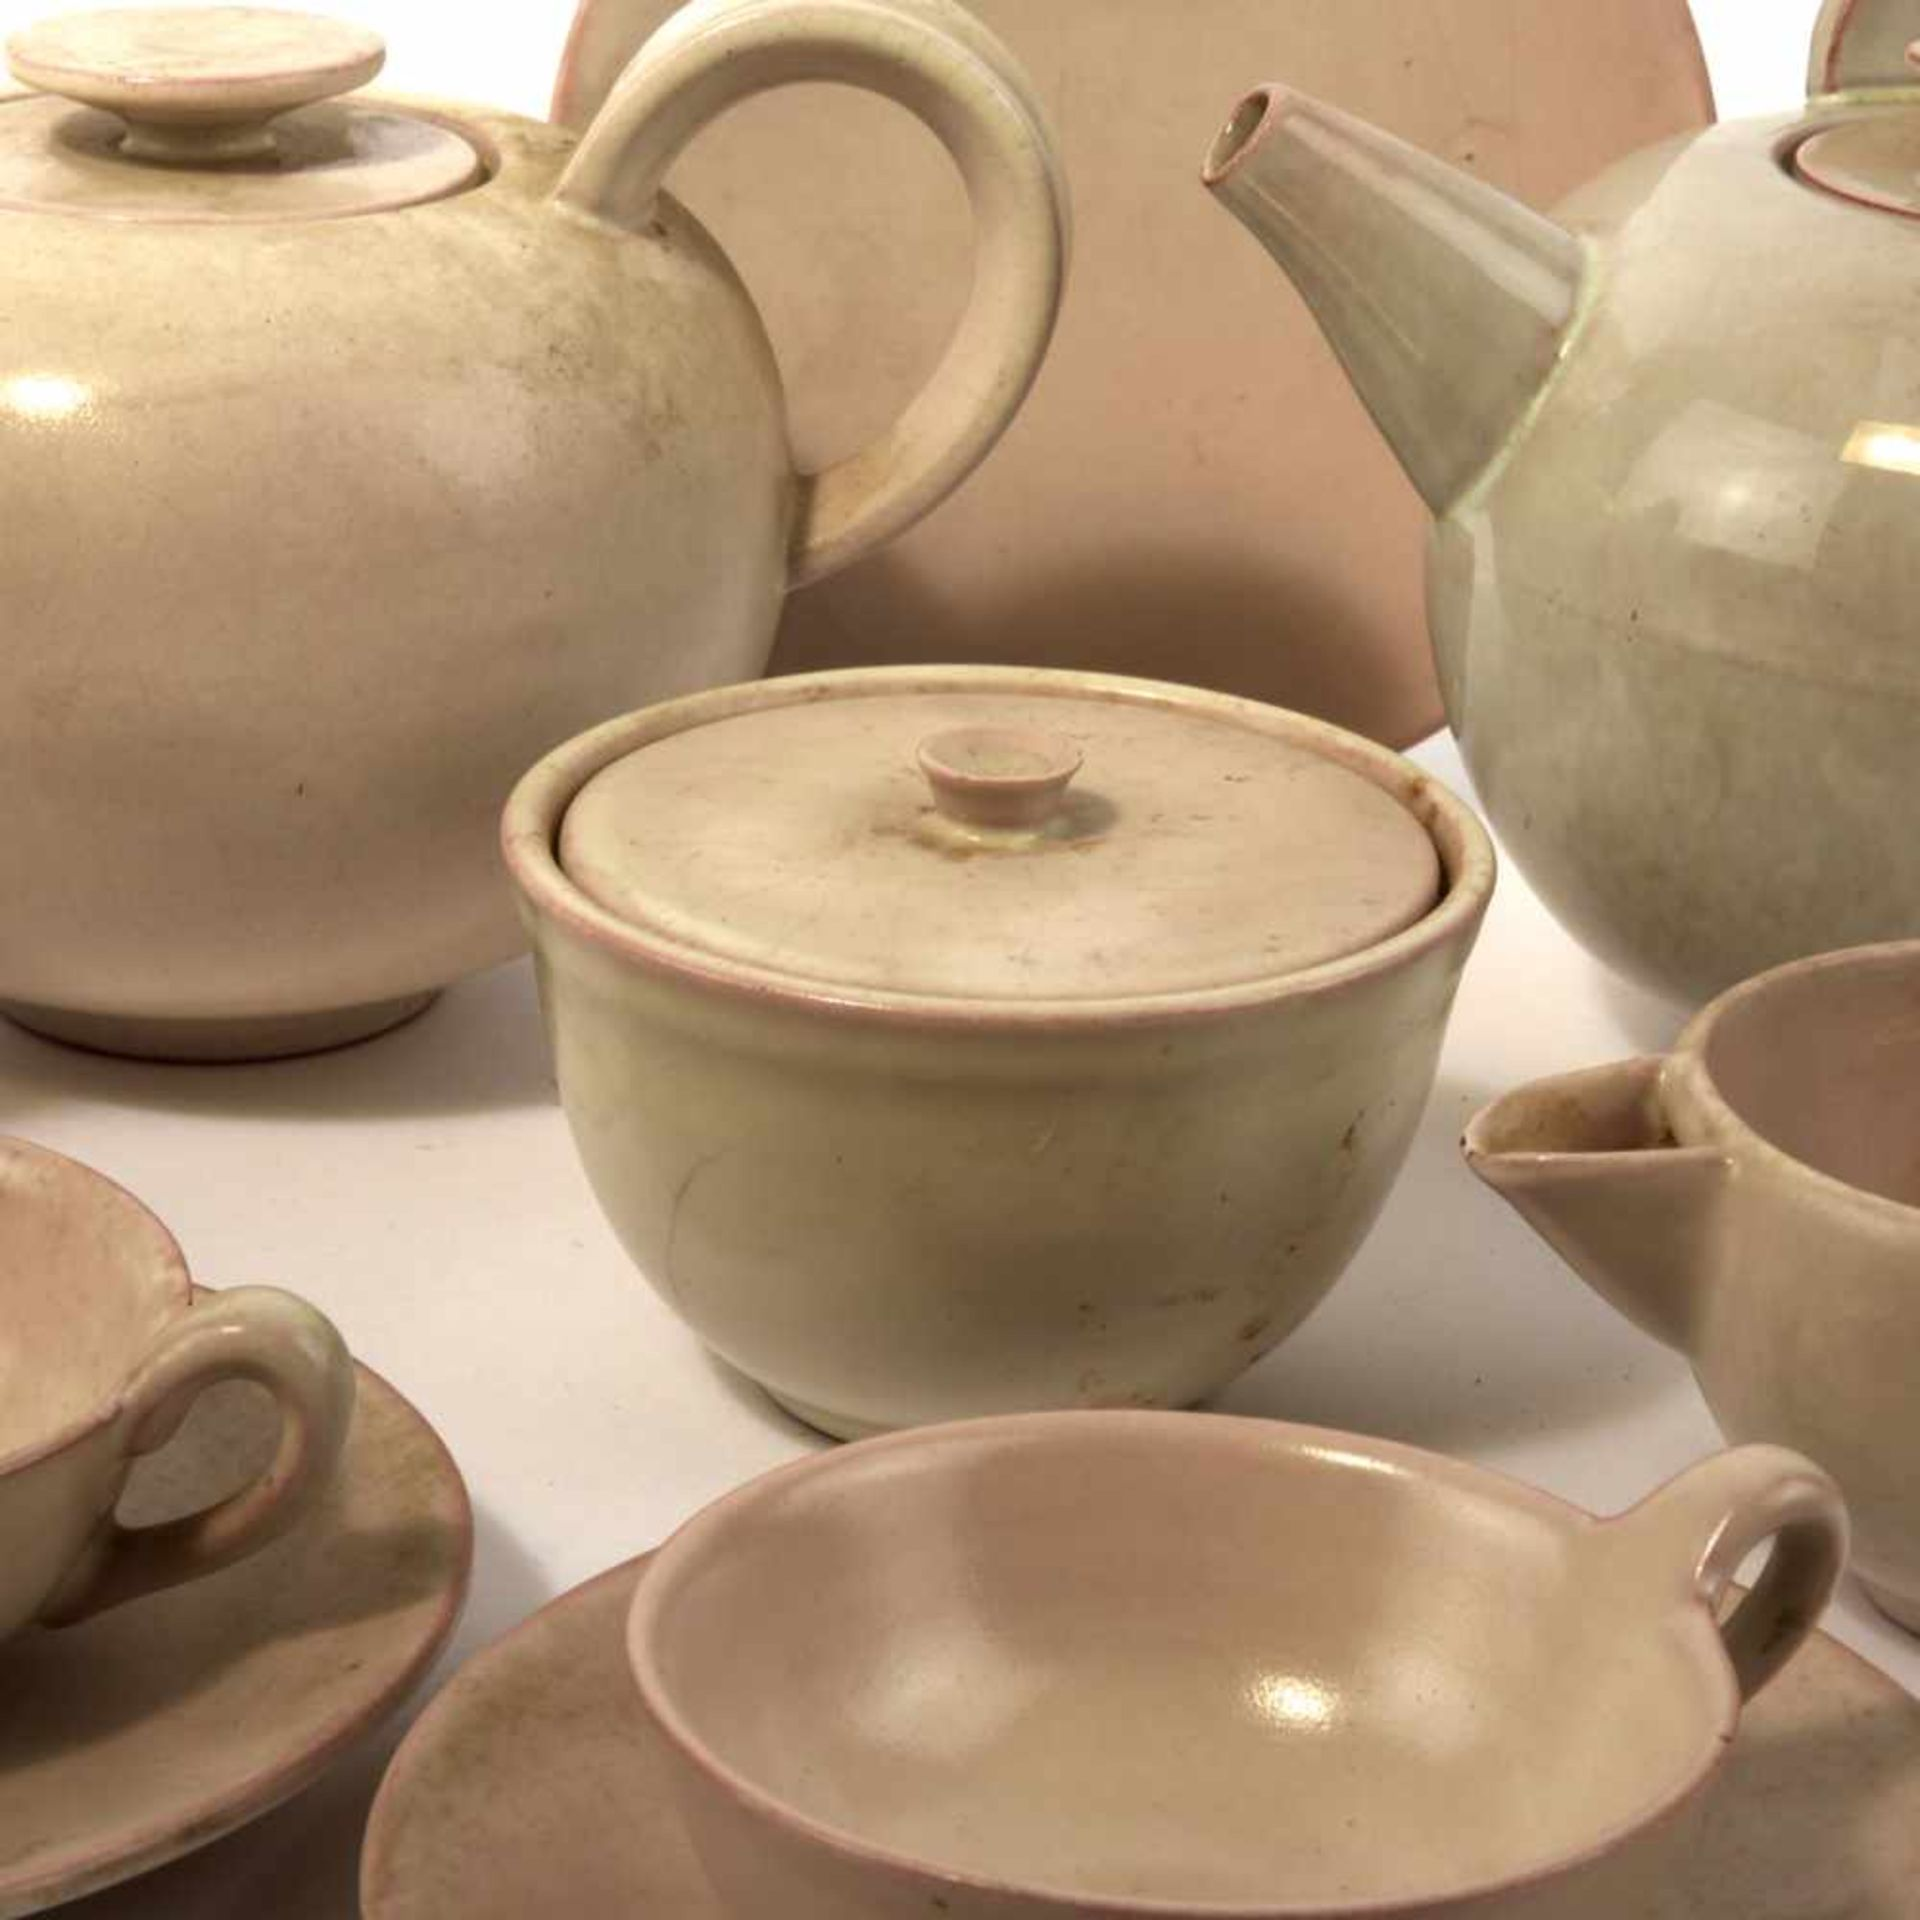 Los 18 - Otto Lindig Teeservice, 1920-25 16 Teile. Teekanne mit Henkelvorrichtung: H. 16,3 cm; Teekanne: H.